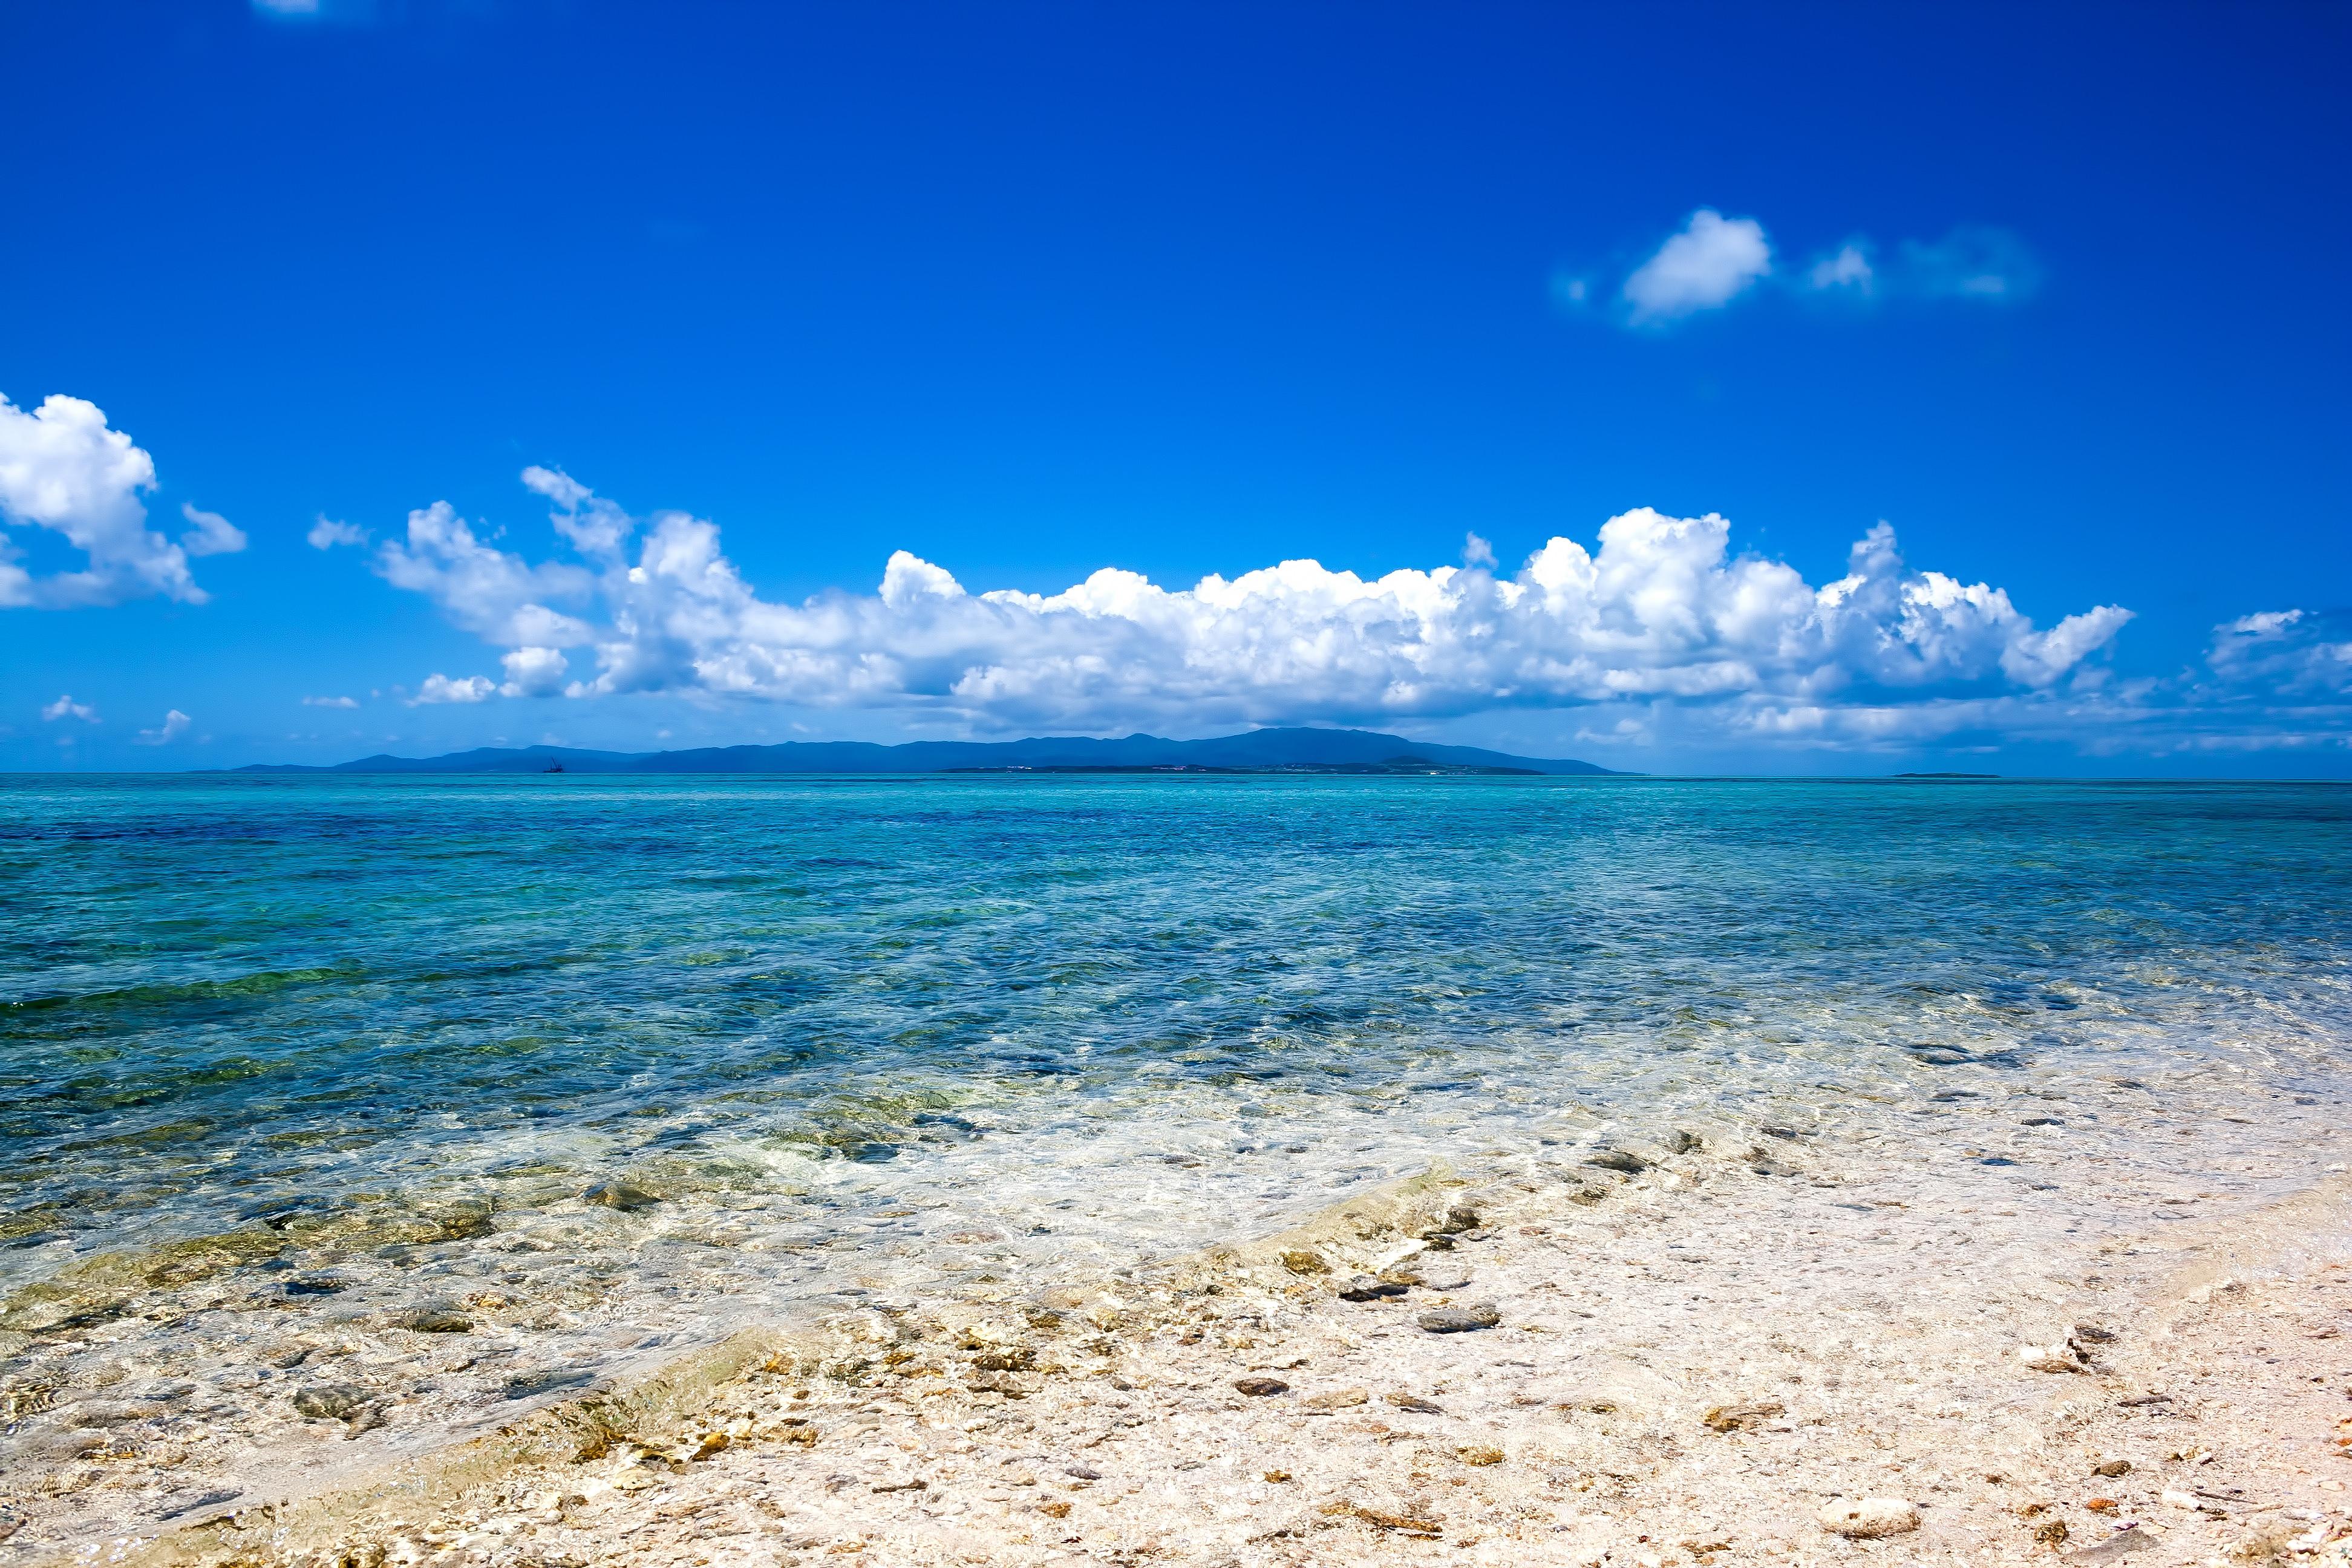 南国の透き通る海の写真 画像 フリー素材 ぱくたそ